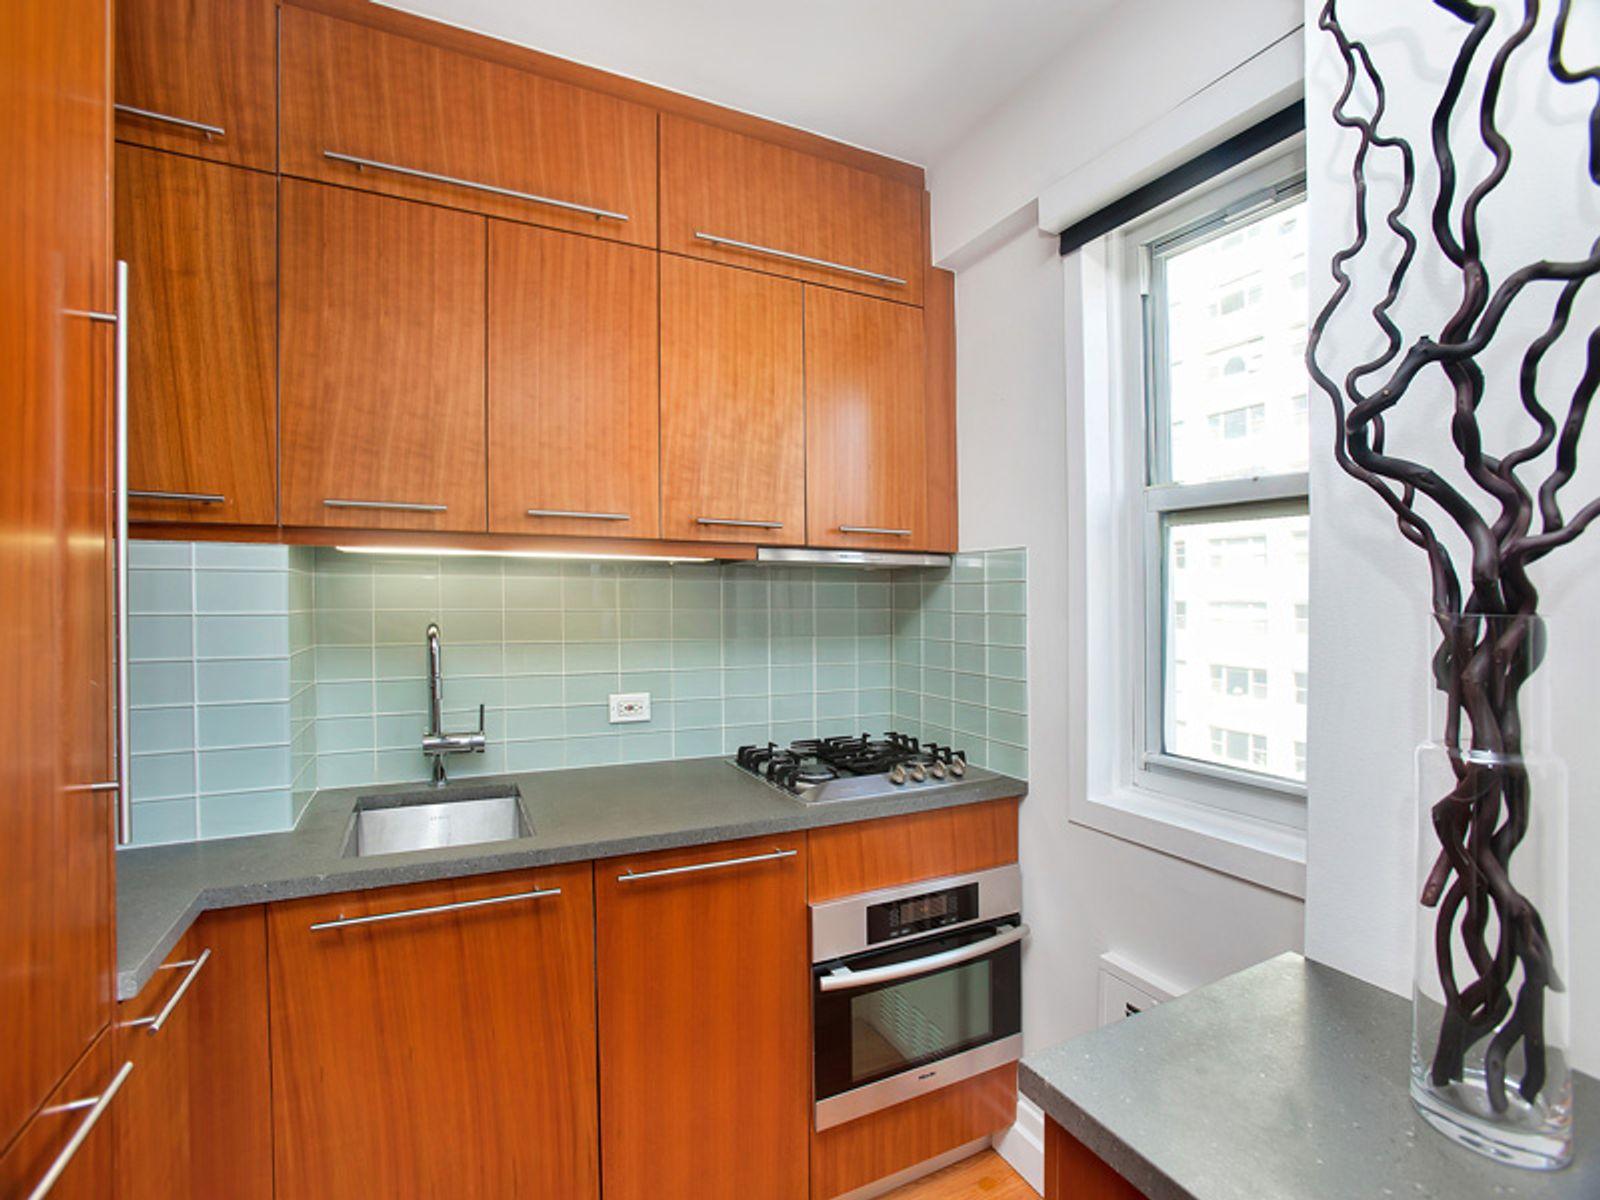 446 East 86th Street, Apt 6C